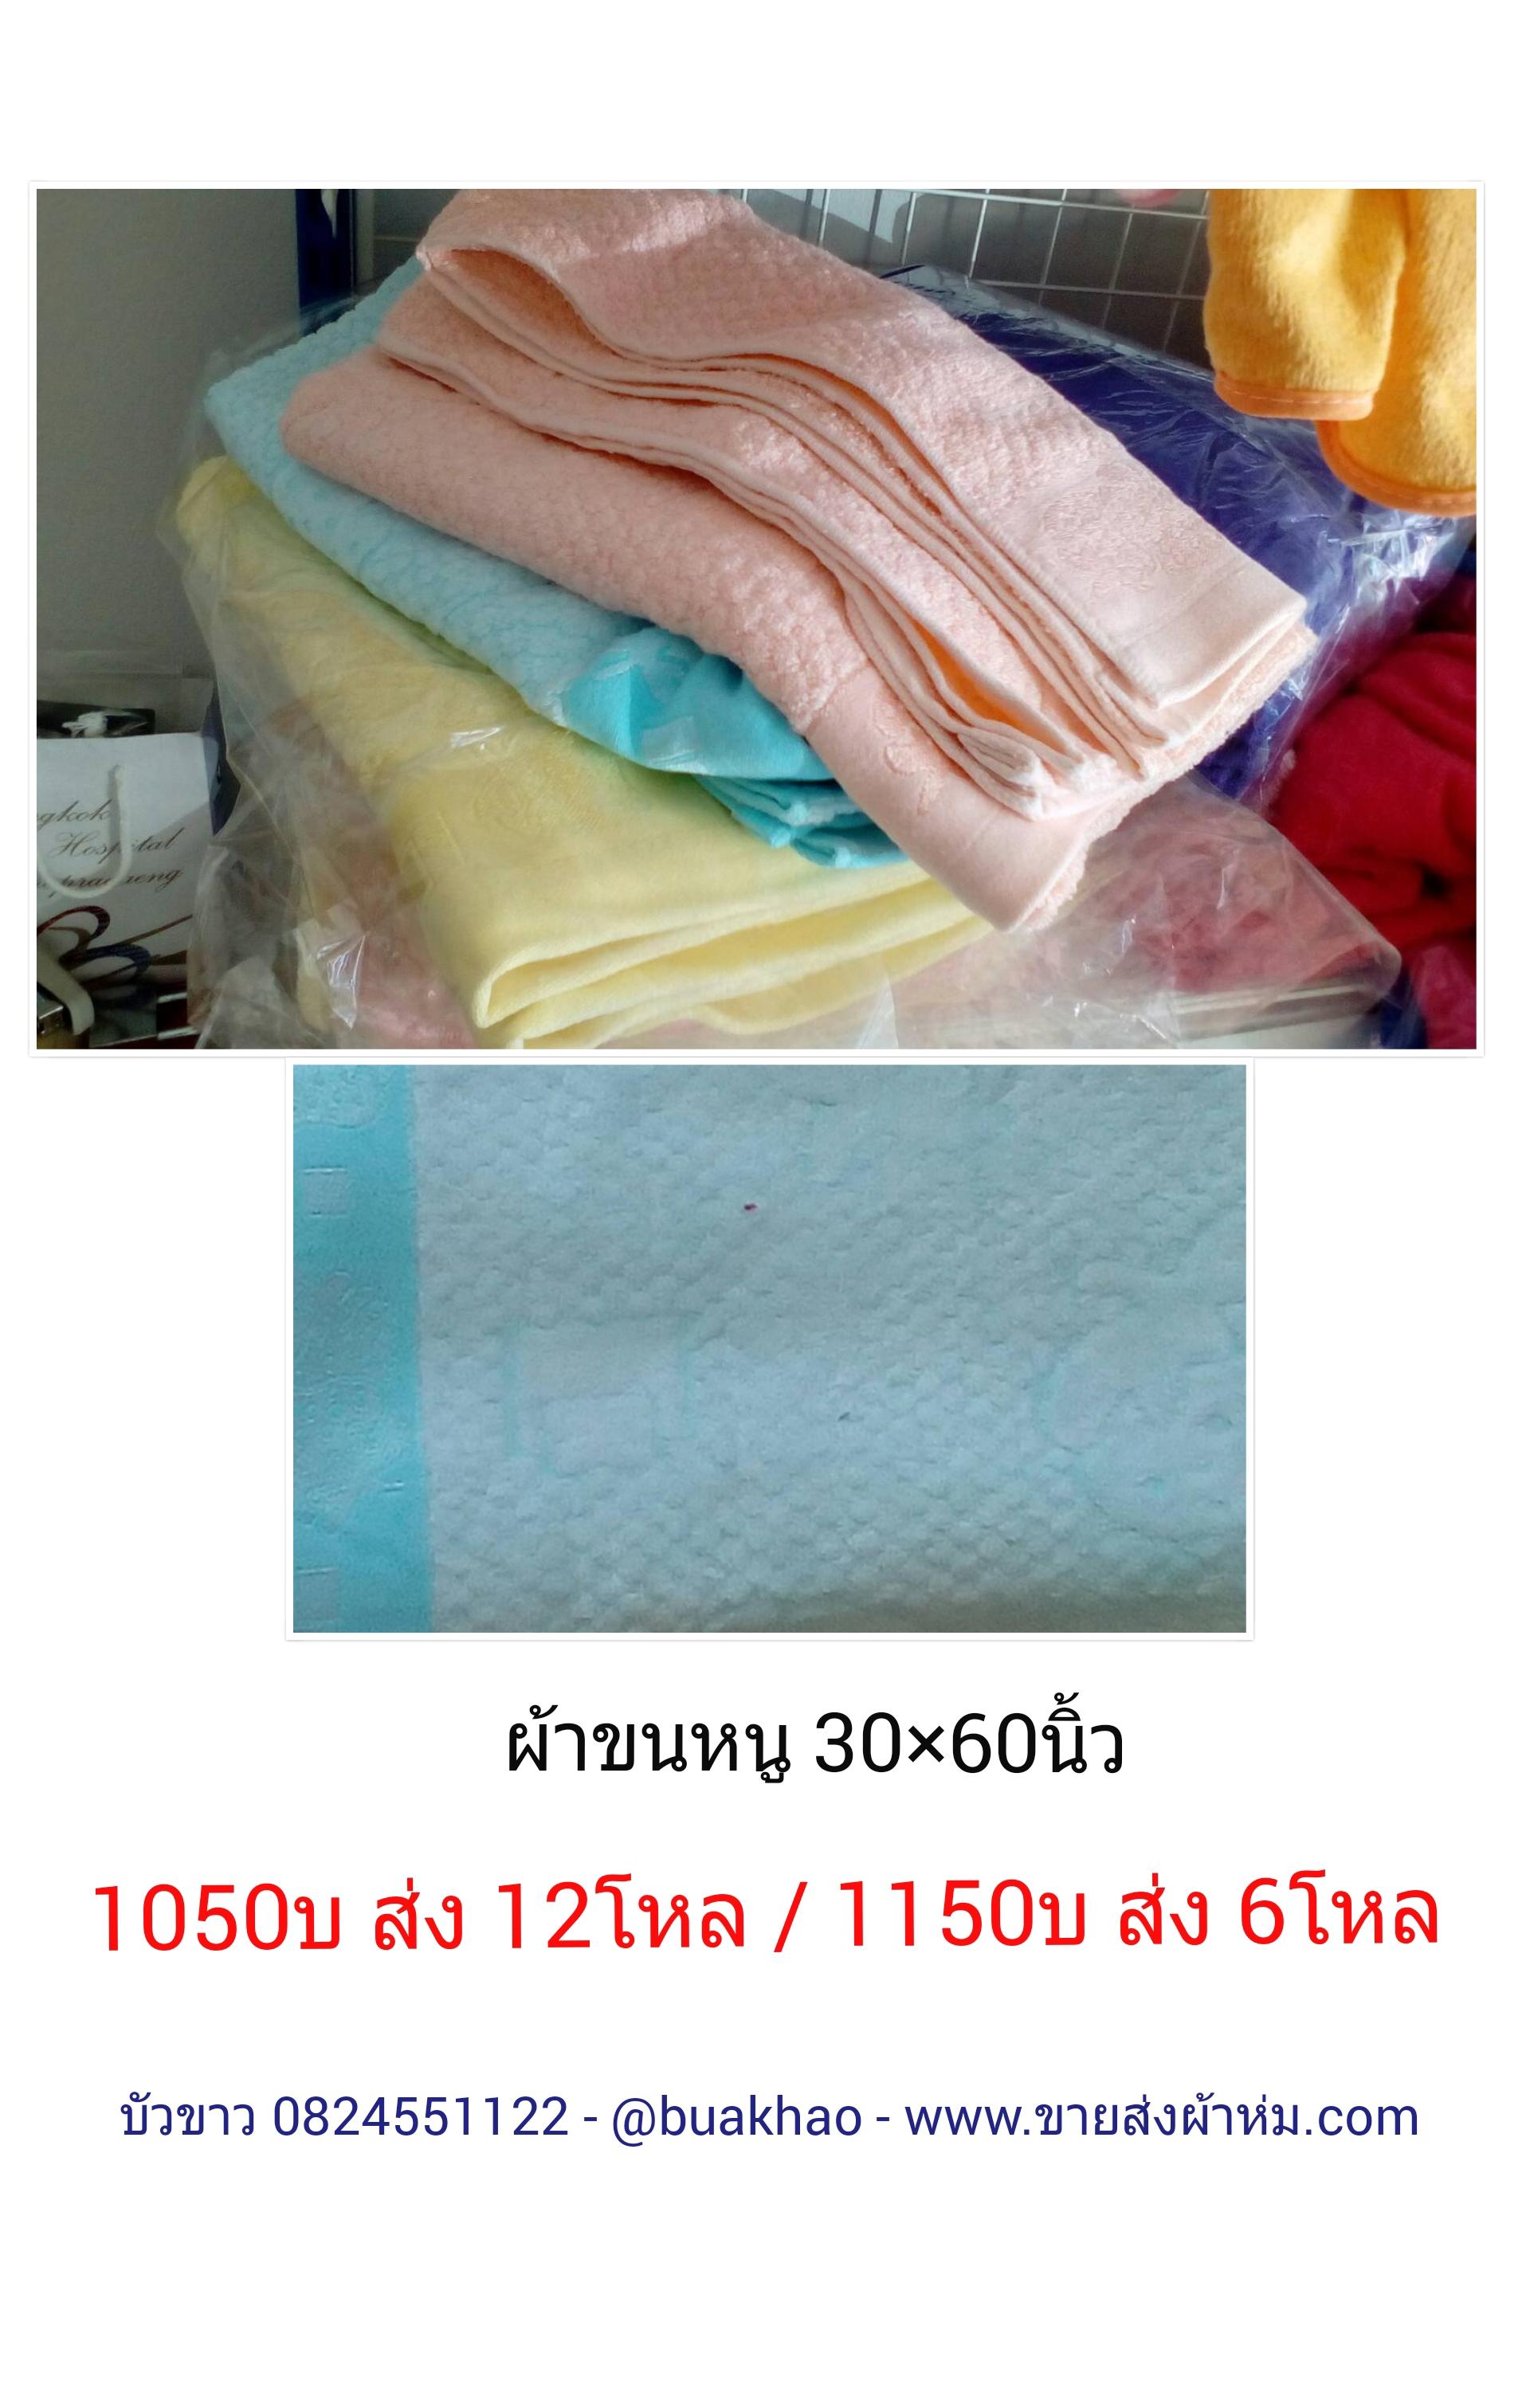 ผ้าเช็ดตัว ขนหนู หนานุ่ม 30*60นิ้ว โหลละ 1050บ ส่ง 12โหล